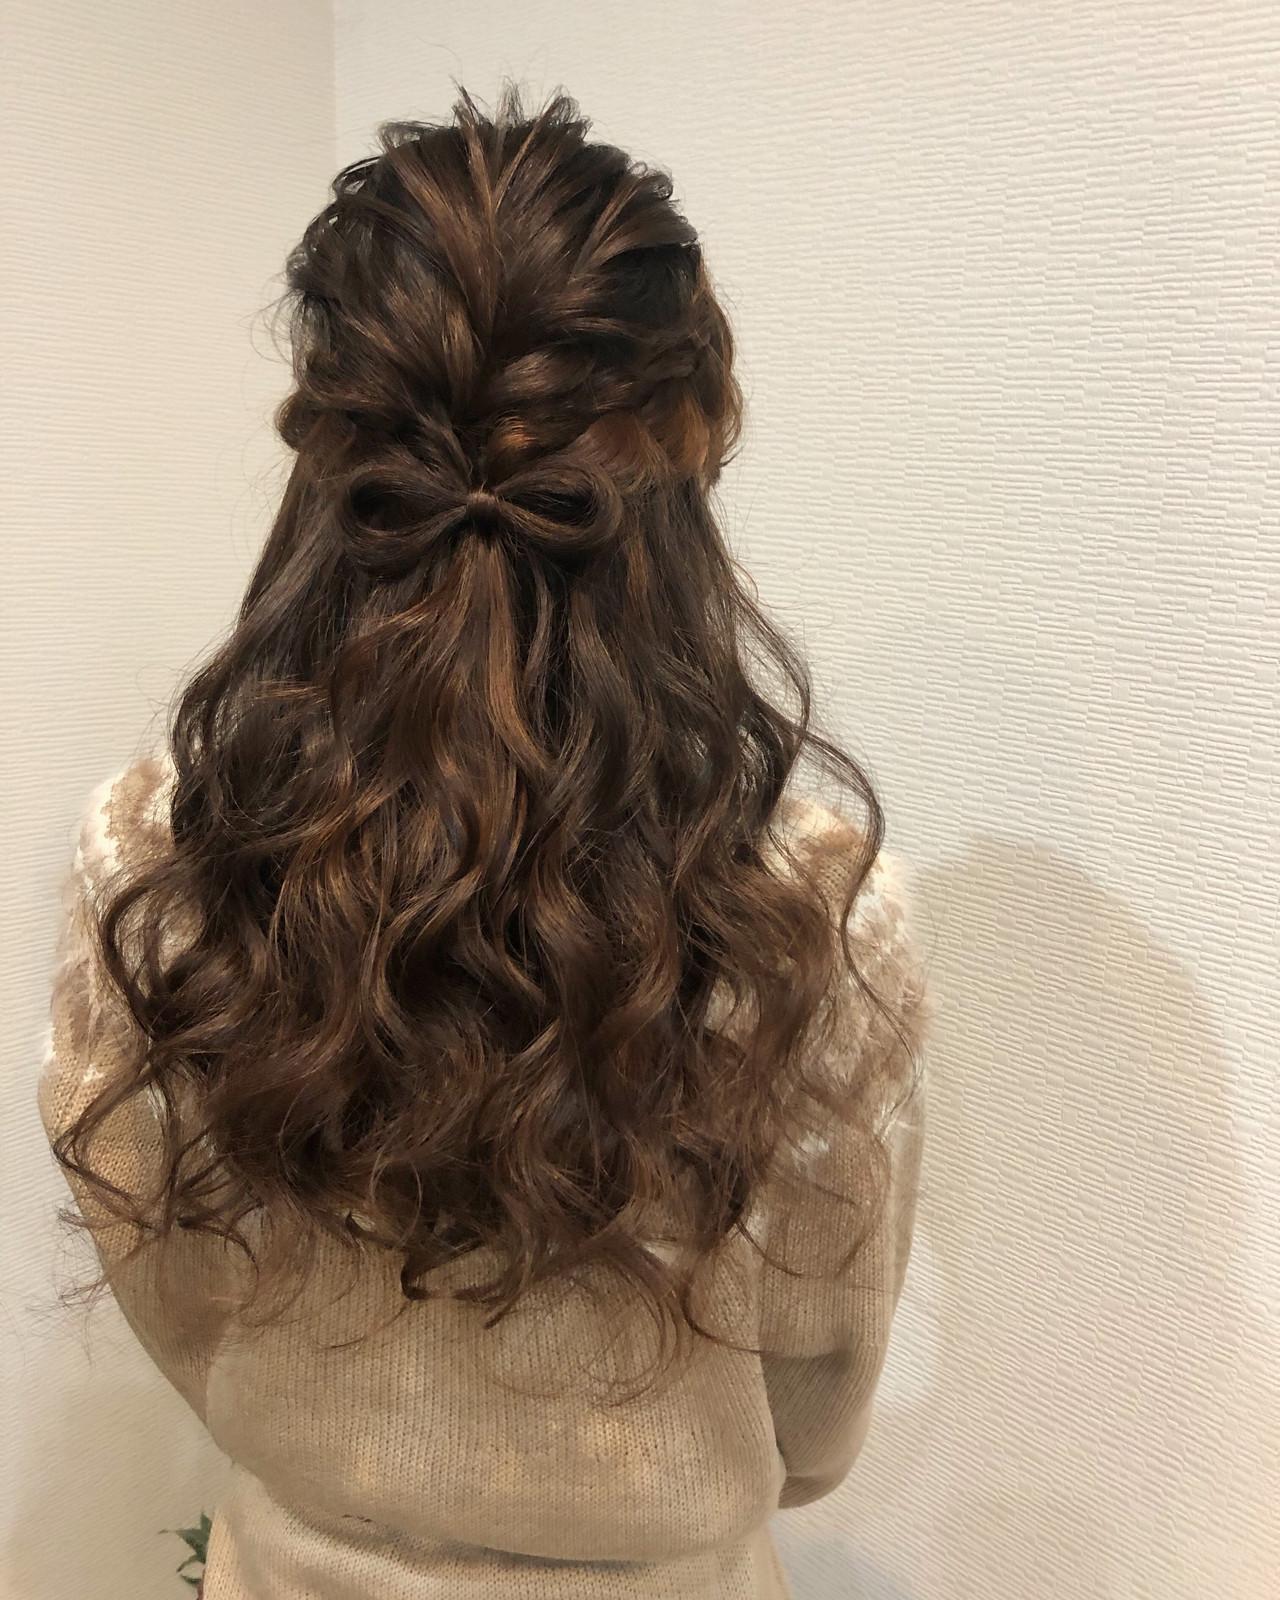 ハーフアップ ガーリー ヘアアレンジ 編み込み ヘアスタイルや髪型の写真・画像